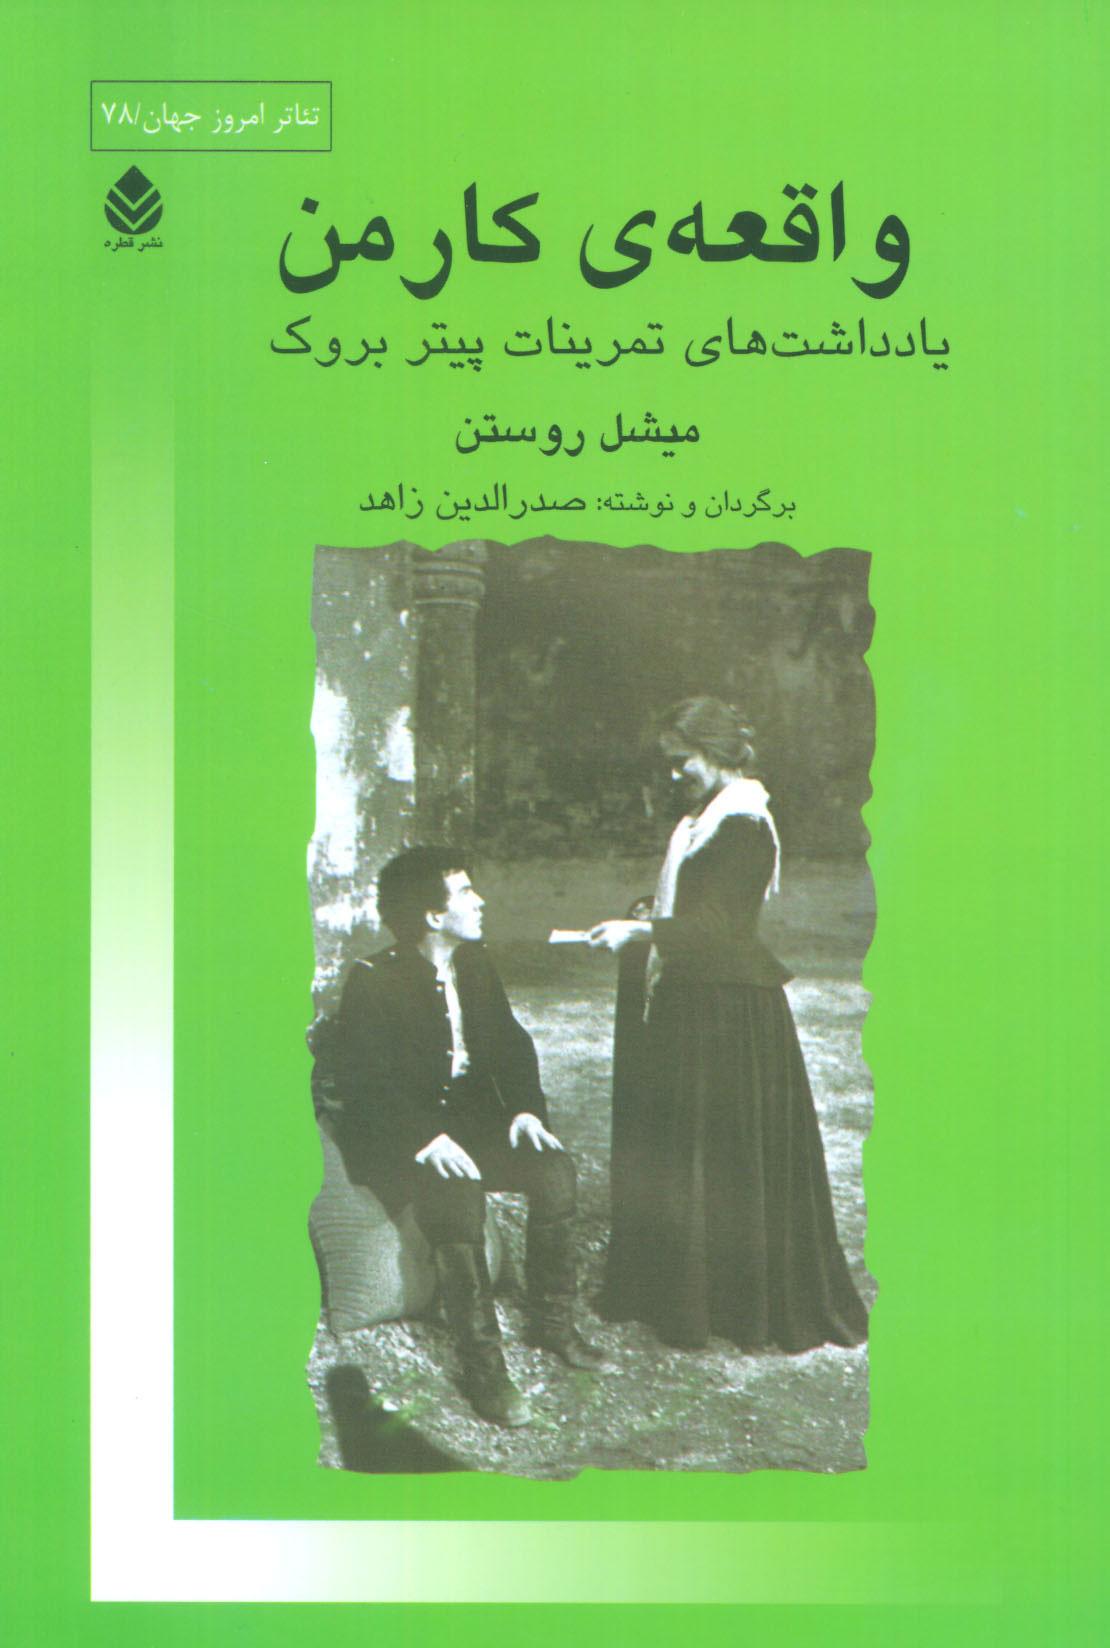 واقعه ی کارمن (یادداشت های تمرینات پیتر بروک)،(تئاتر امروز جهان78)